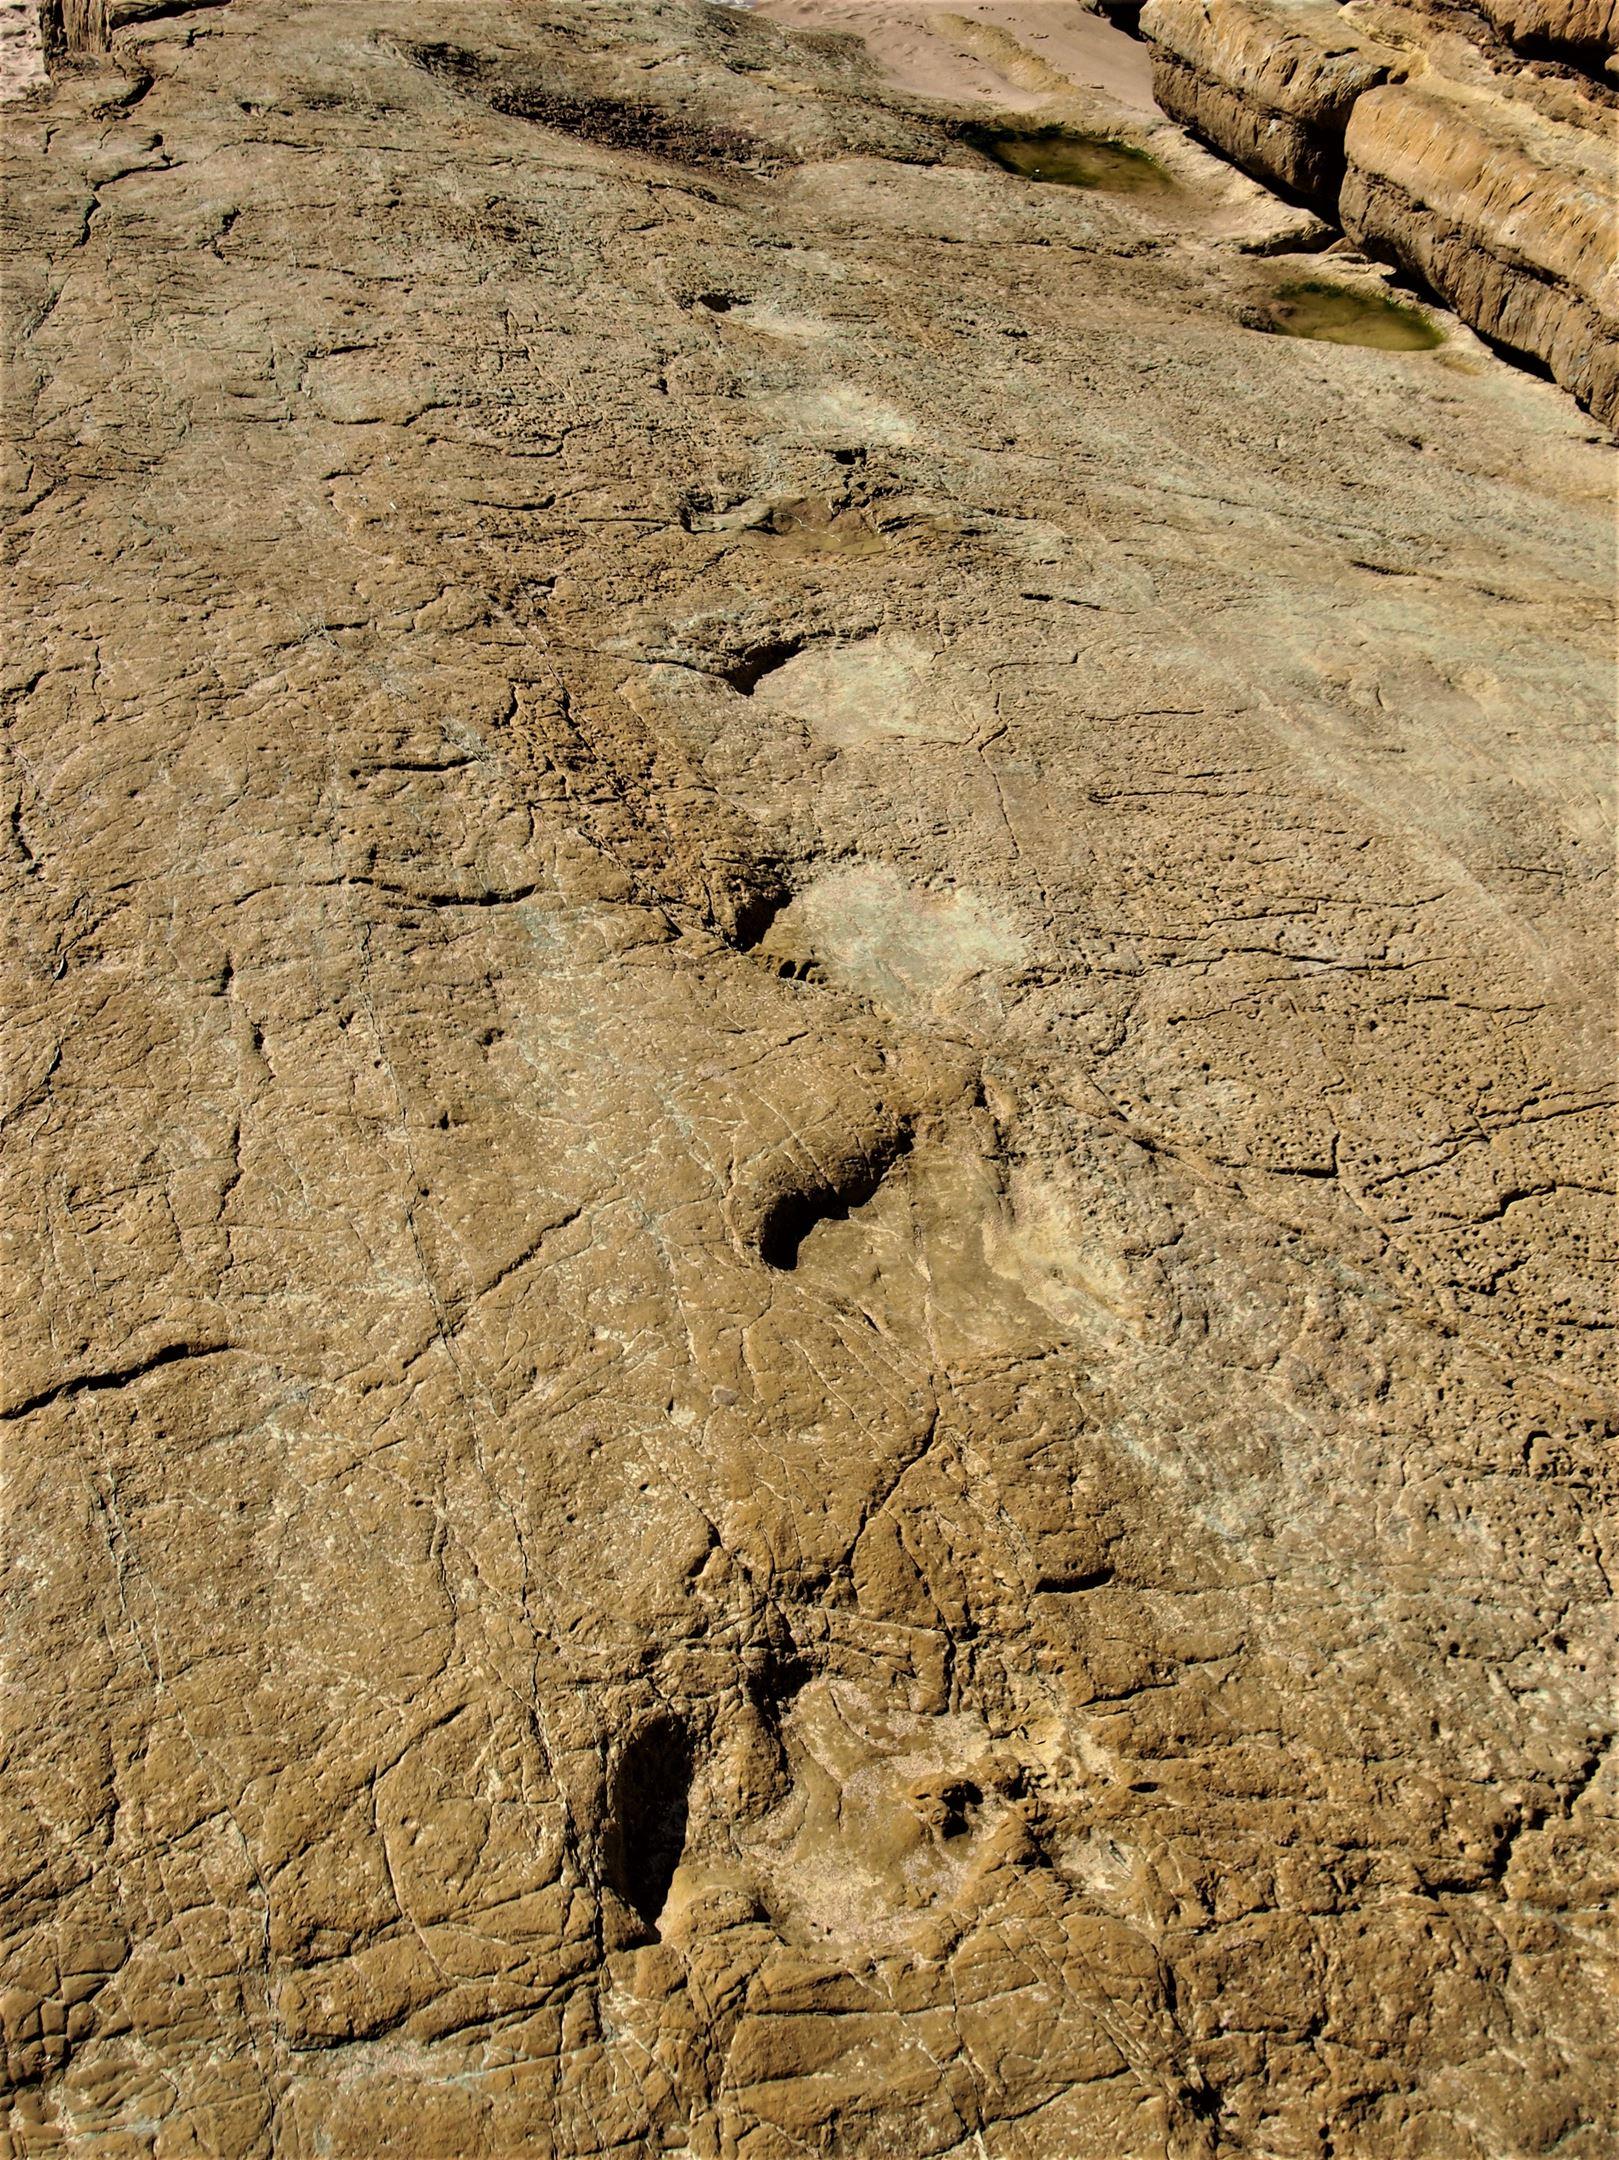 Huellas de dinosaurios en Praia da Salema, Algarve